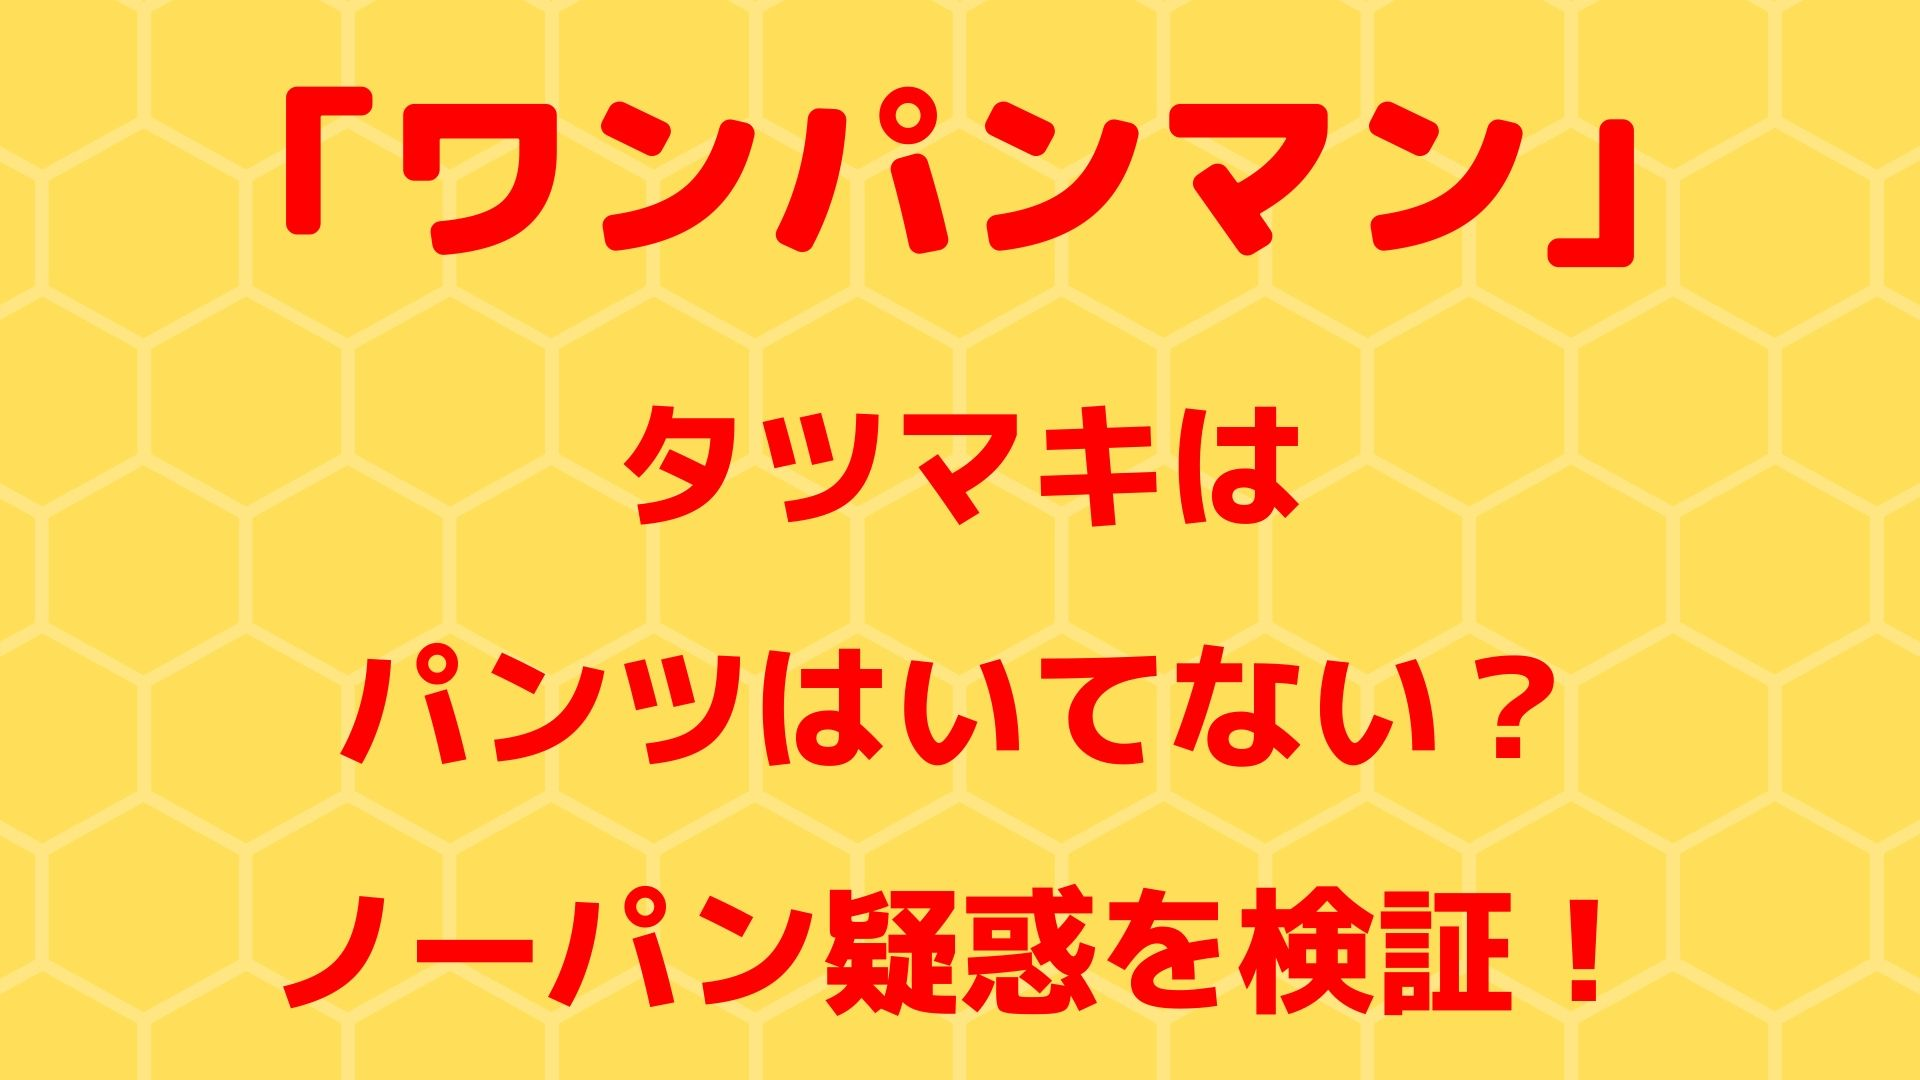 【ワンパンマン】タツマキはパンツはいてない?ノーパン疑惑を検証!